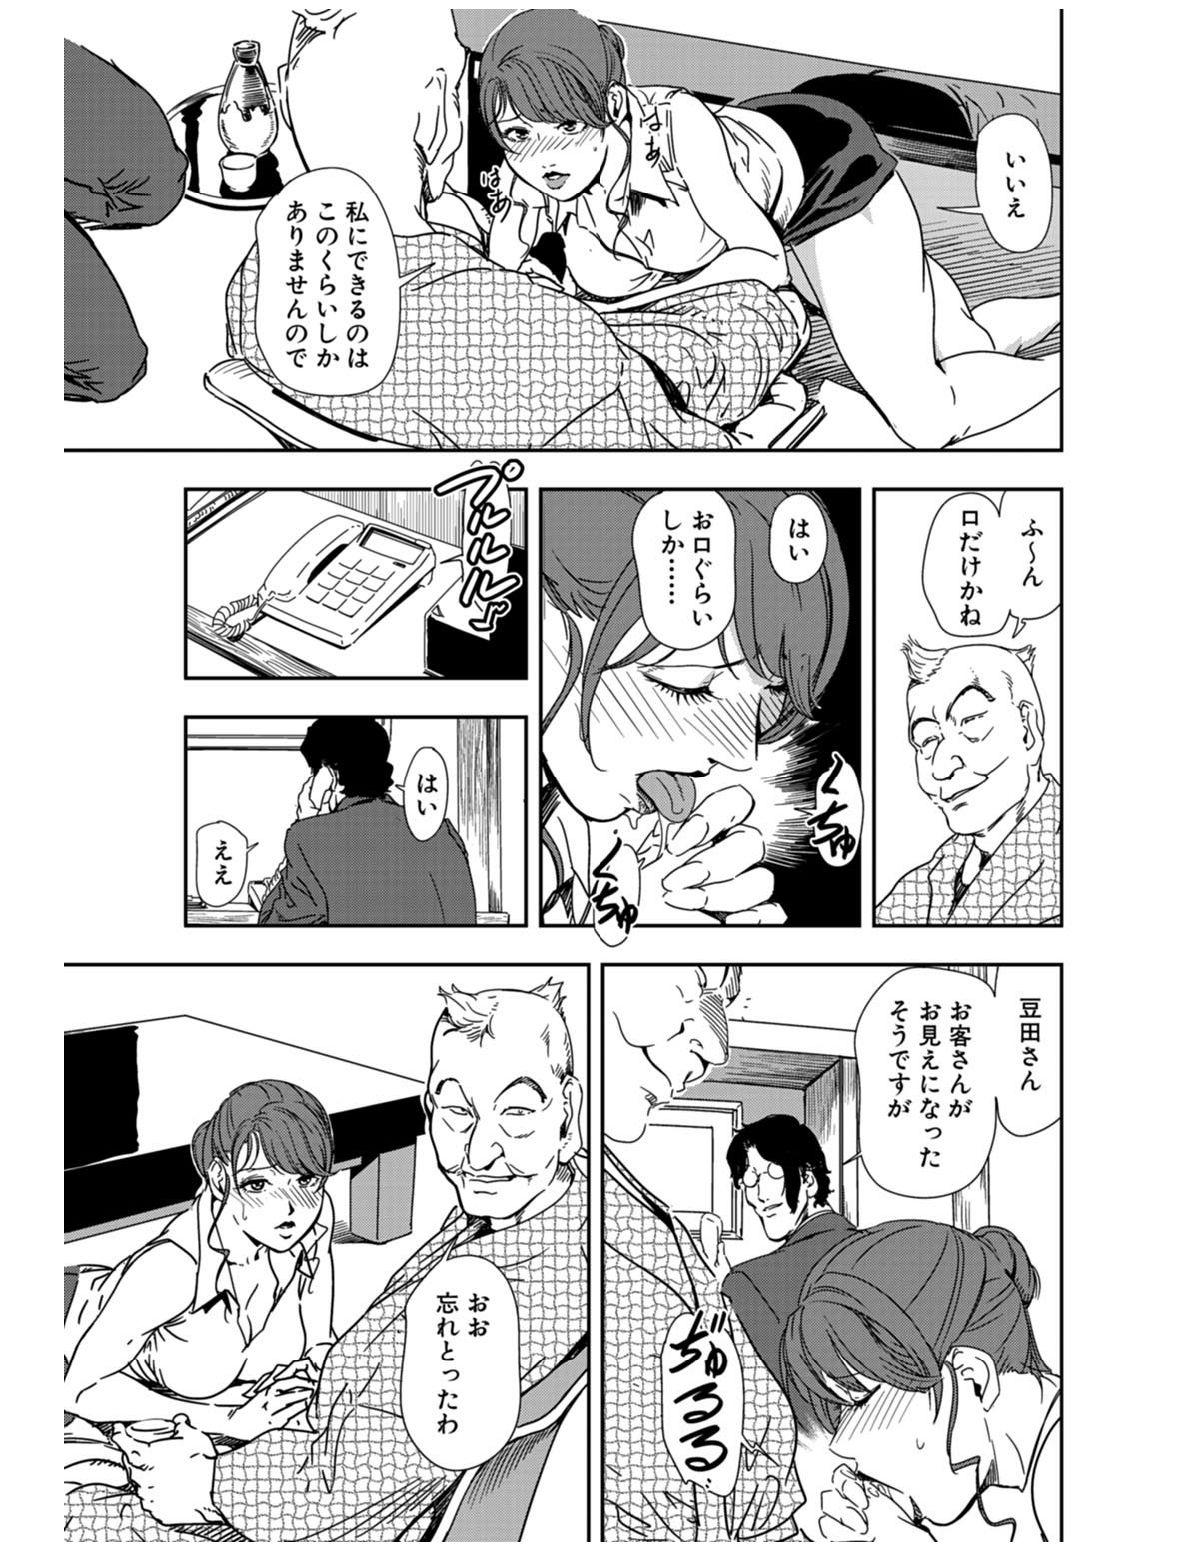 Nikuhisyo Yukiko 21 104